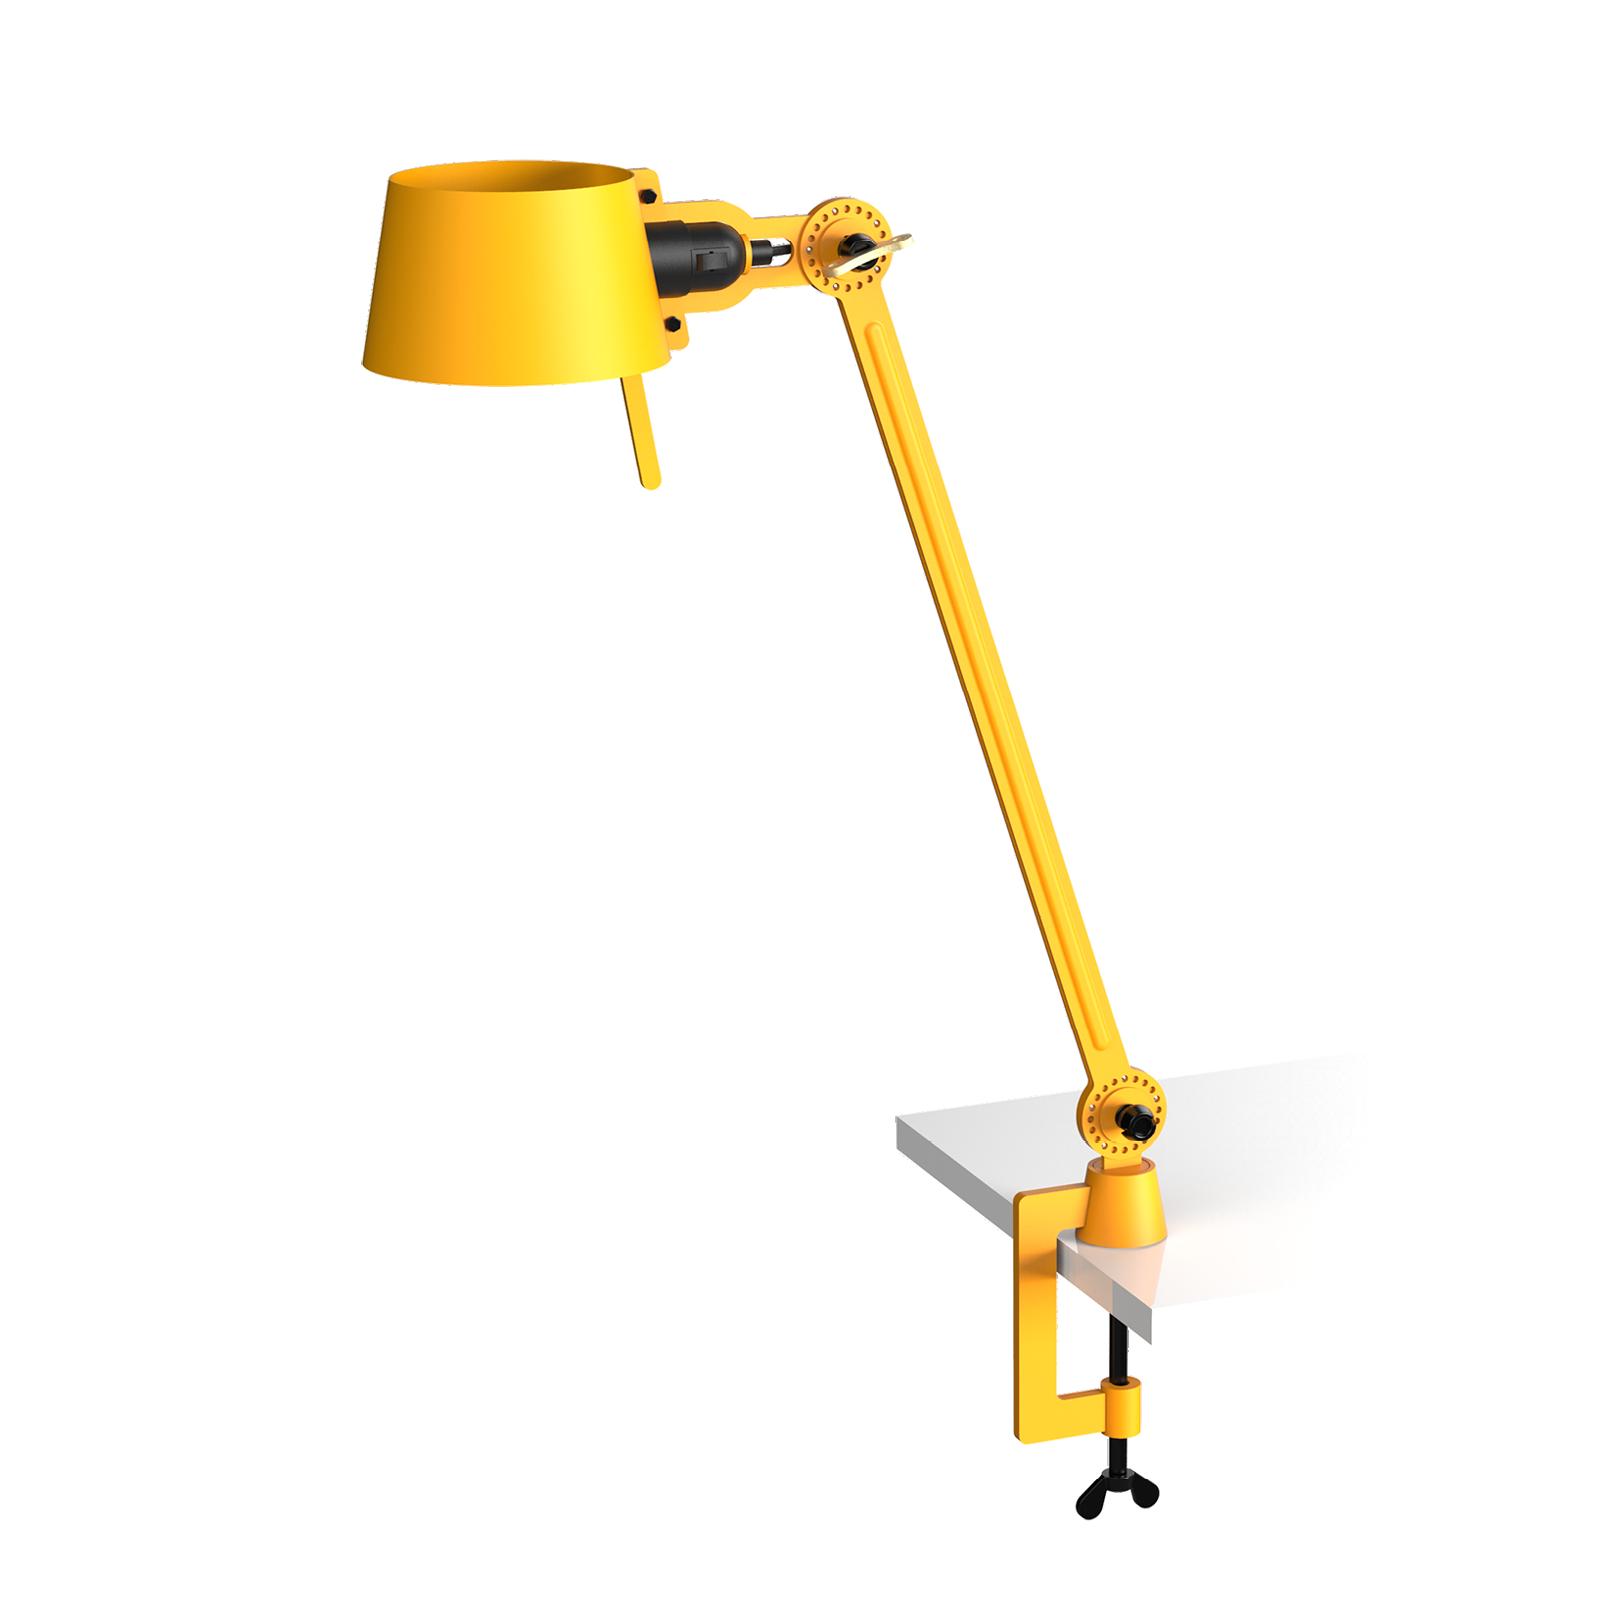 bolt desk 1arm clamp